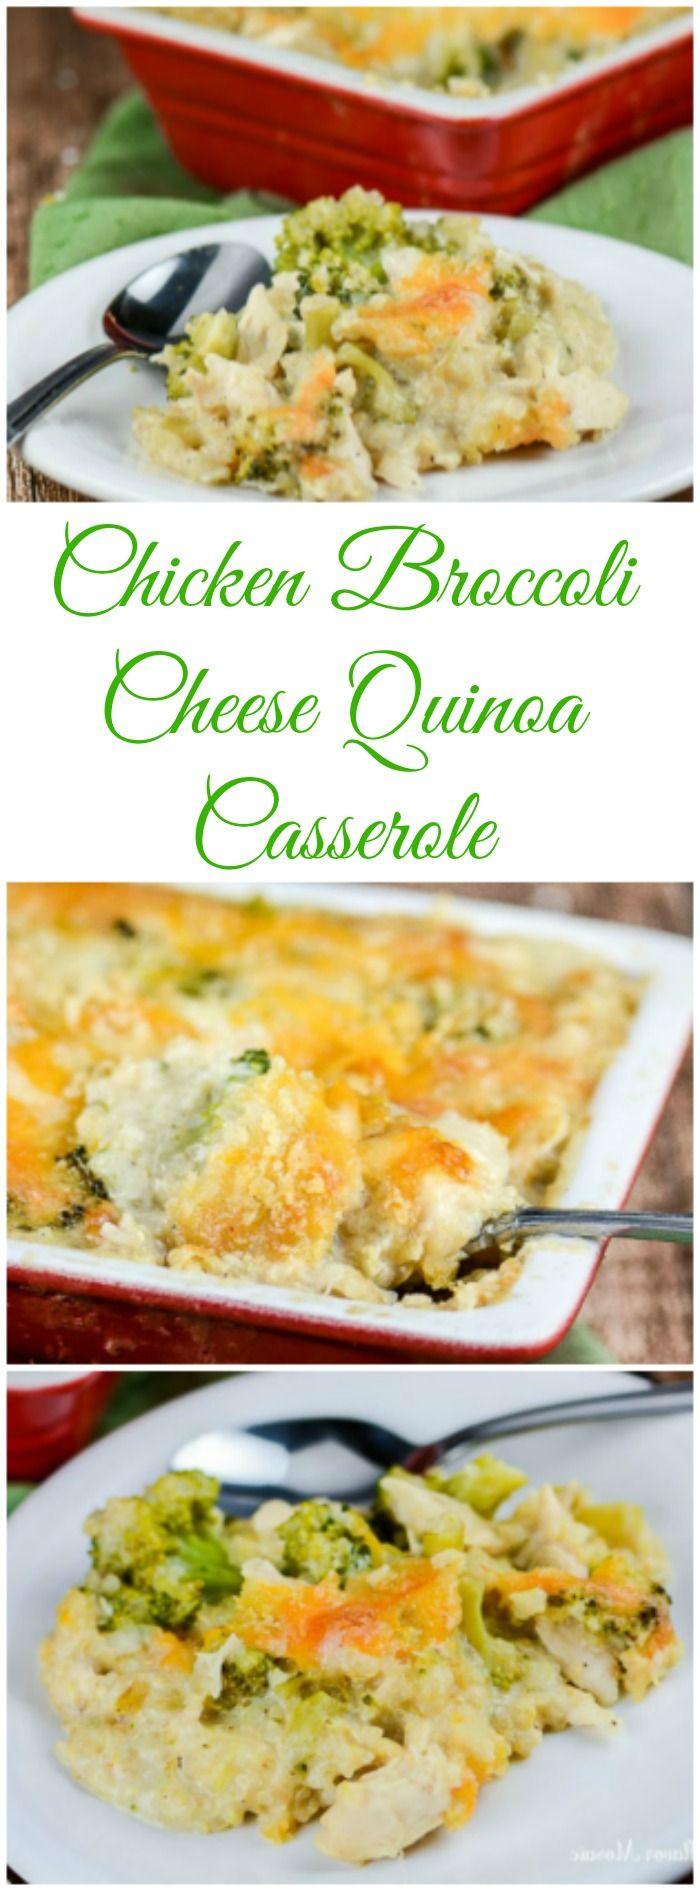 Chicken Broccoli Cheese Quinoa Casserole Is A Healthy -4239